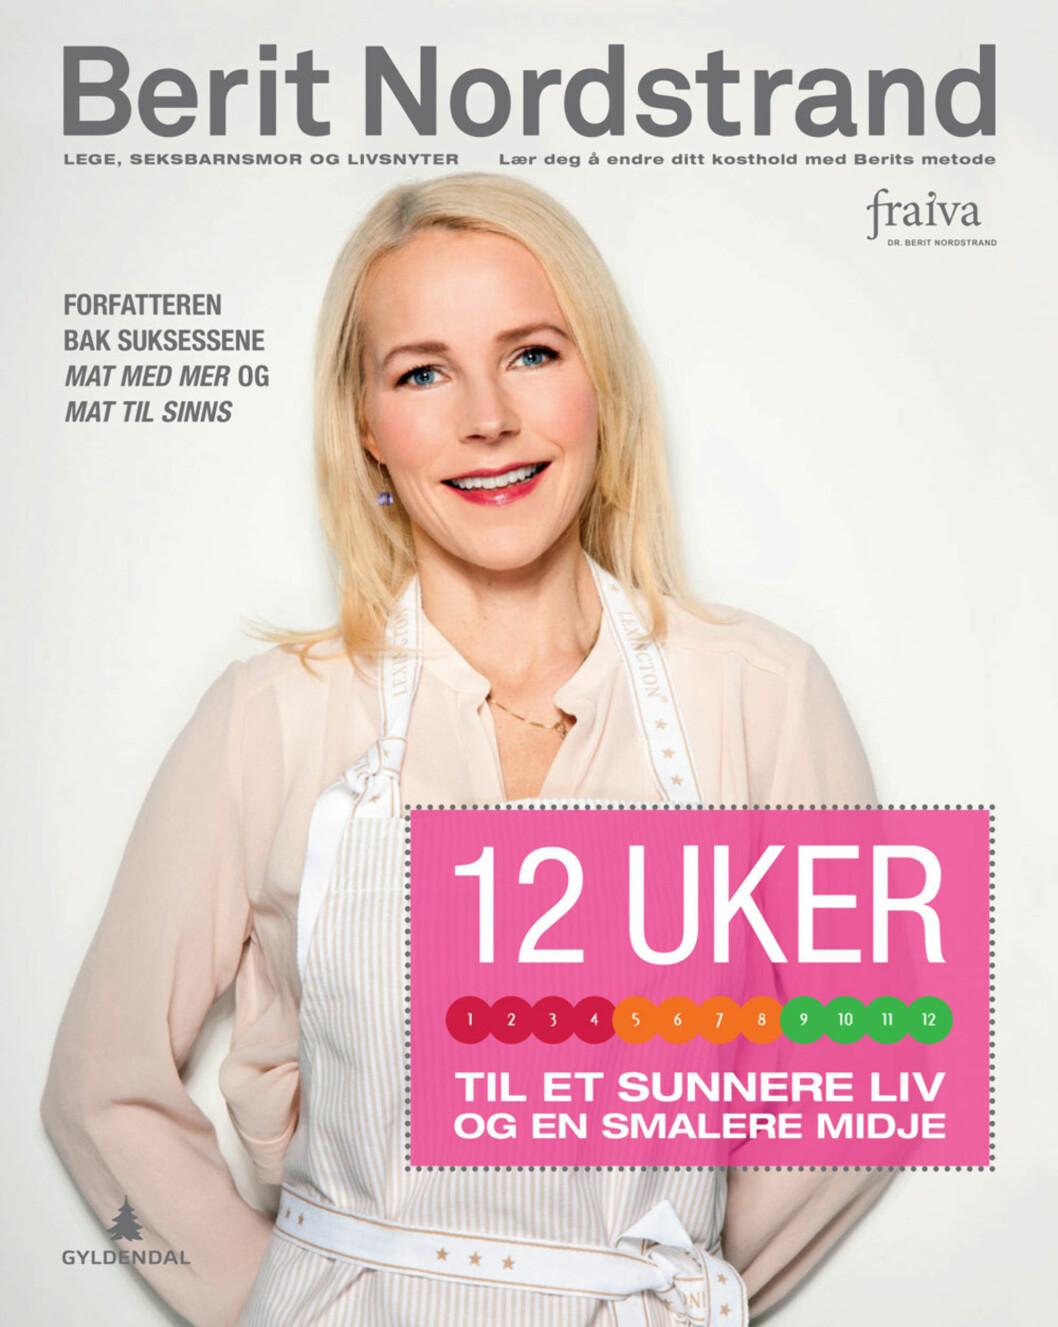 NY BOK: 12 uker til et sunnere liv og en smalere midje (kr 349/Gyldendal).